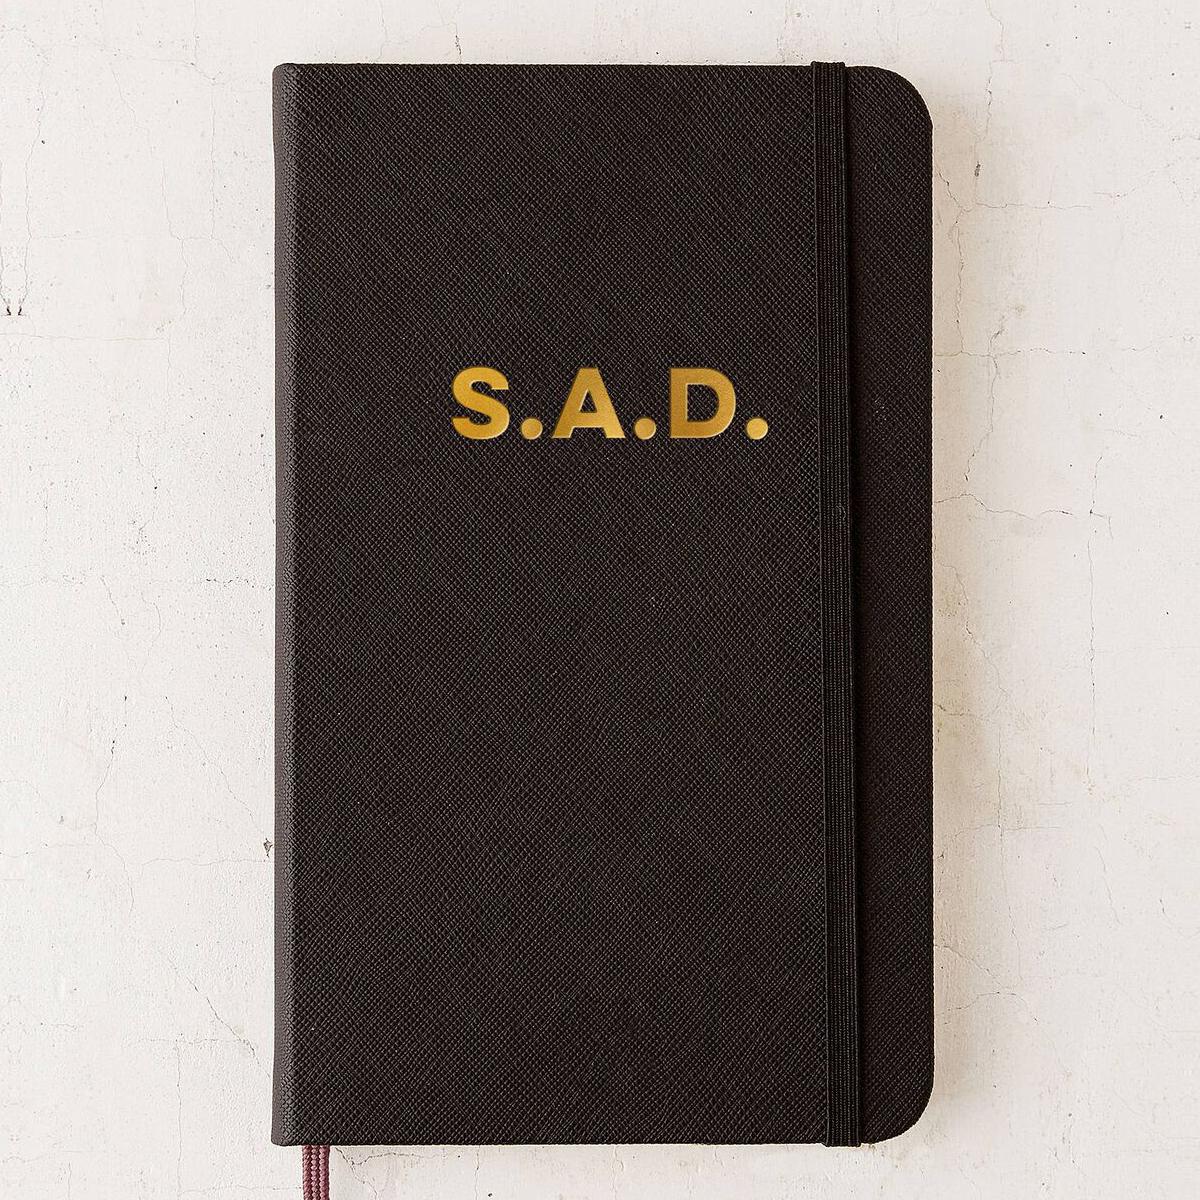 S.A.D. Notebook